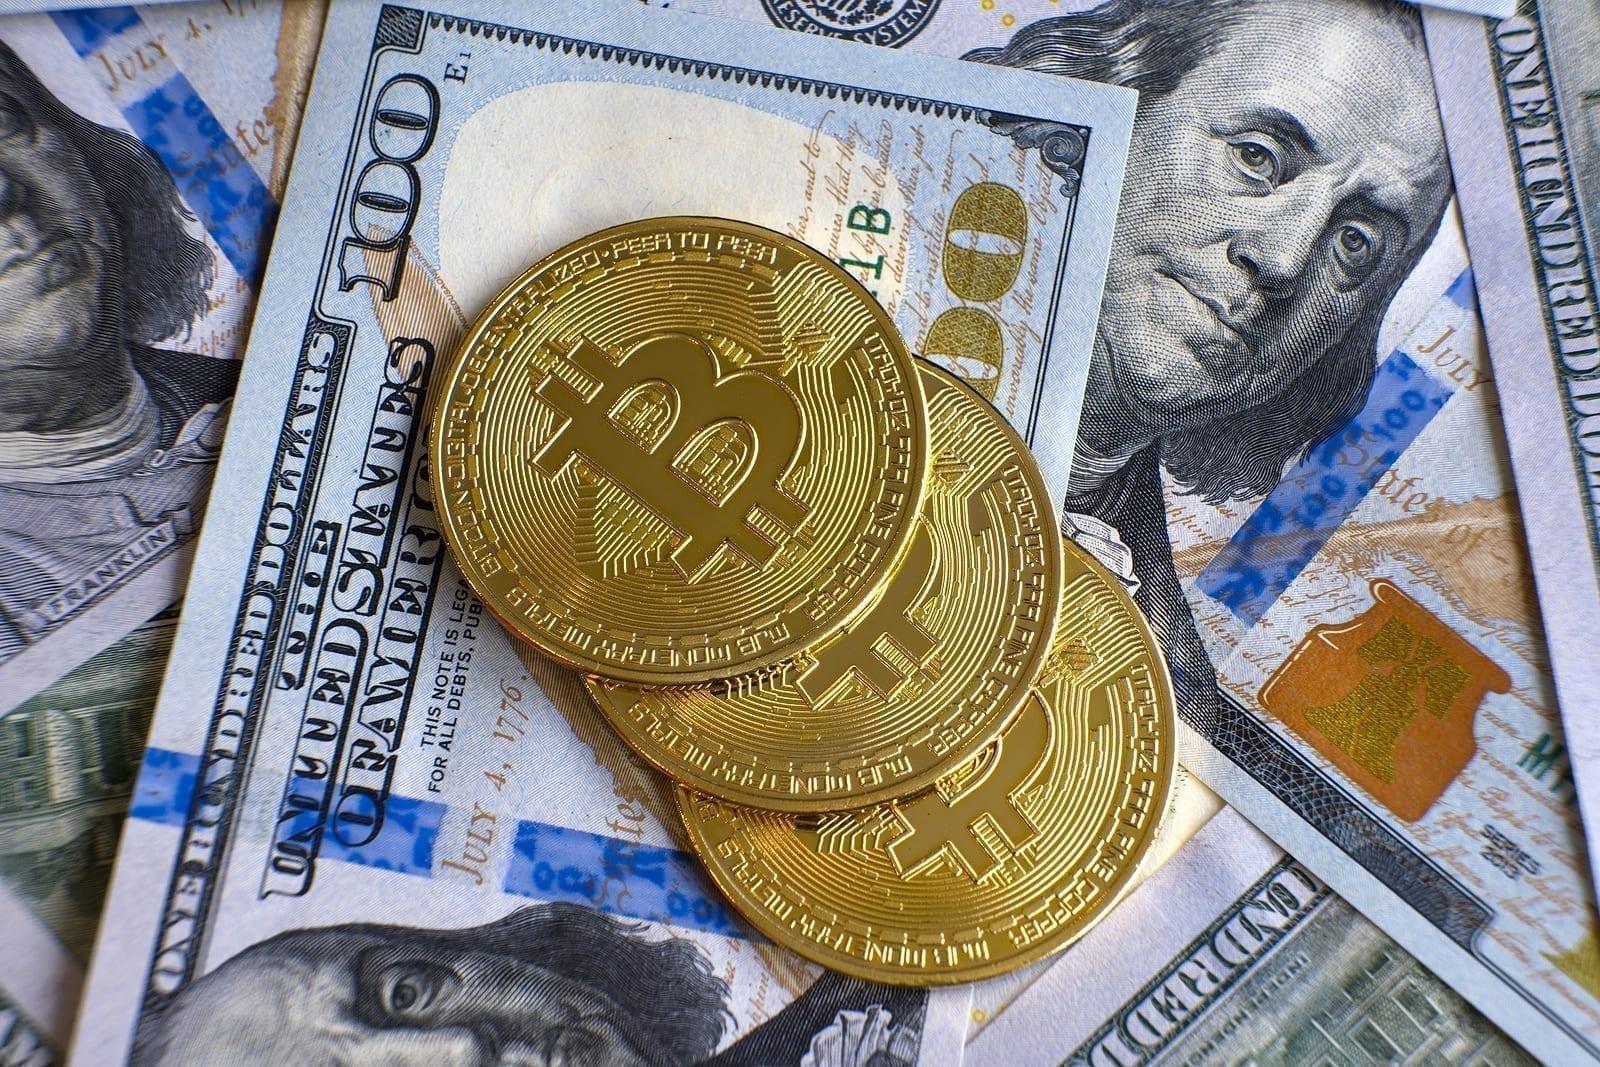 Le dollar américain a semblé bénéficier des nouveaux commentaires de Jerome Powell, tandis que le Bitcoin (BTC) a été rabattu vers le niveau